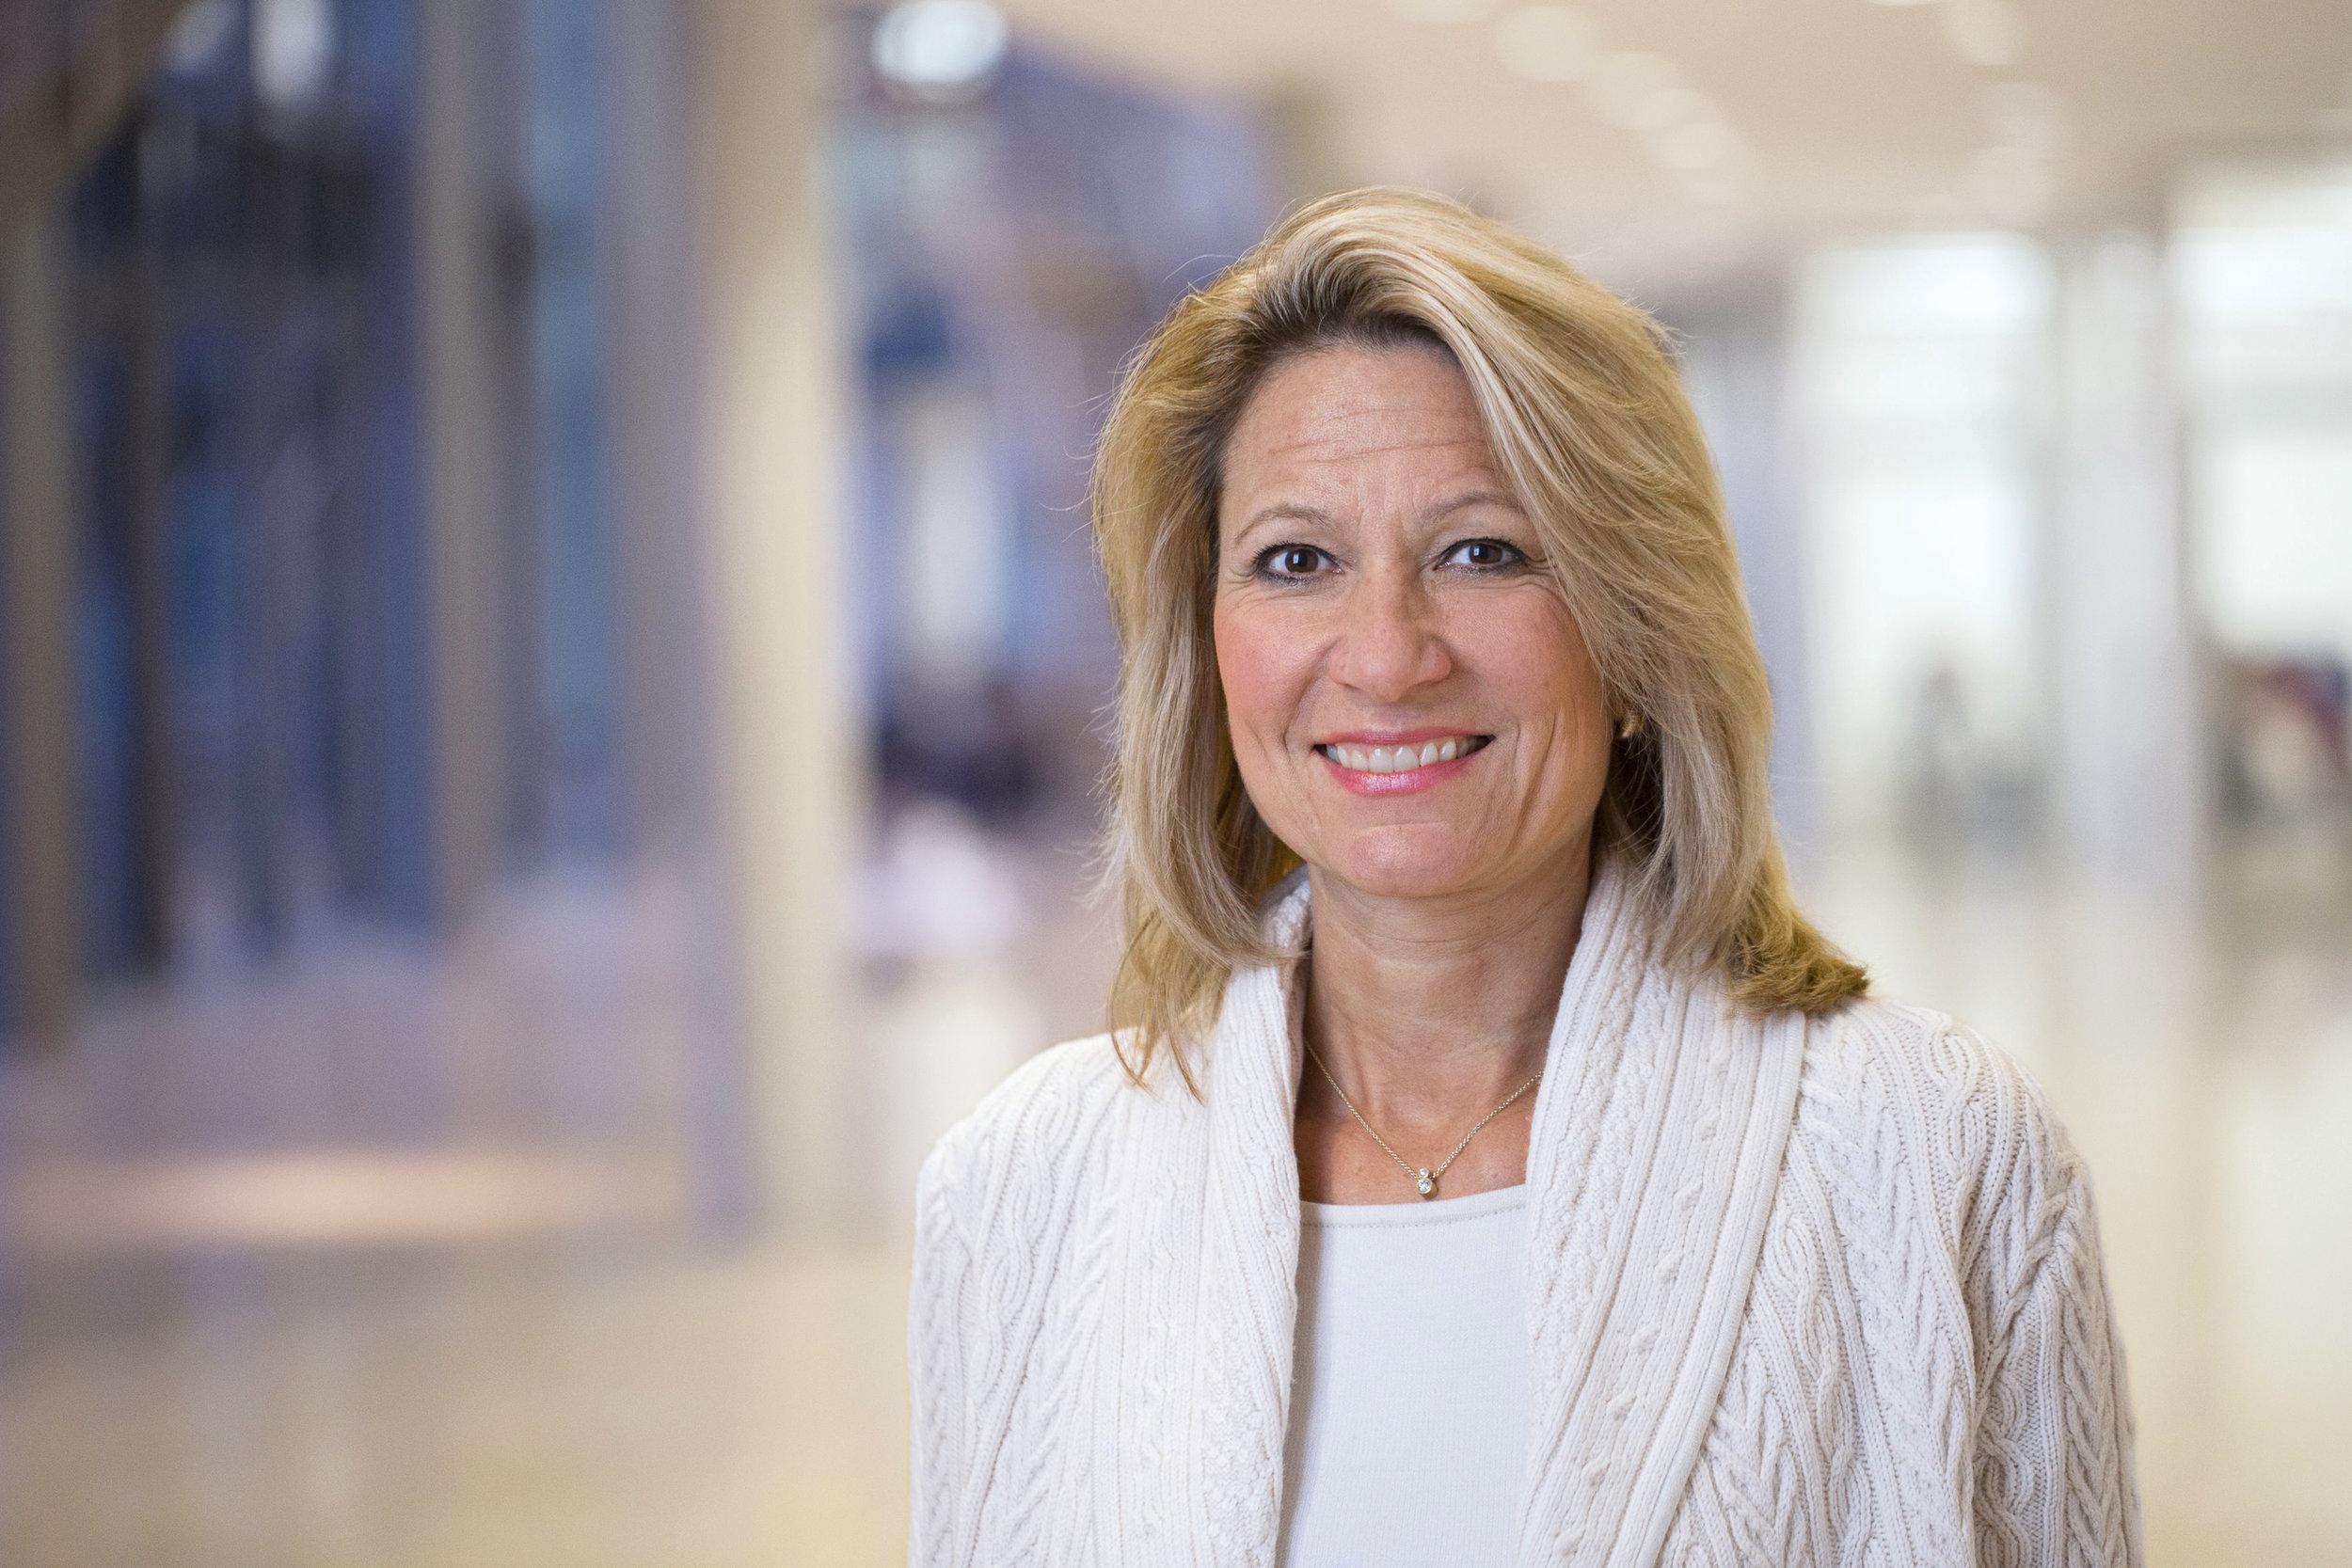 Prof. Dr. Anja Steinbeck war nach Jurastudium, Promotion und Habilitation ab 2001 Inhaberin des Lehrstuhls für Bürgerliches Recht, Handels- und Gesellschaftsrecht und Gewerblichen Rechtsschutz an der Universität zu Köln. Ab 2004 leitete sie das Institut für Gewerblichen Rechtsschutz und Urheberrecht der Hochschule. Zusätzlich war sie als Richterin am Oberlandesgericht Köln tätig. Zuletzt war sie Prorektorin der Universität zu Köln. Seit  November 2014 ist sie Rektorin der HHU. Sie lebt mit ihrer Familie in Oberkassel.